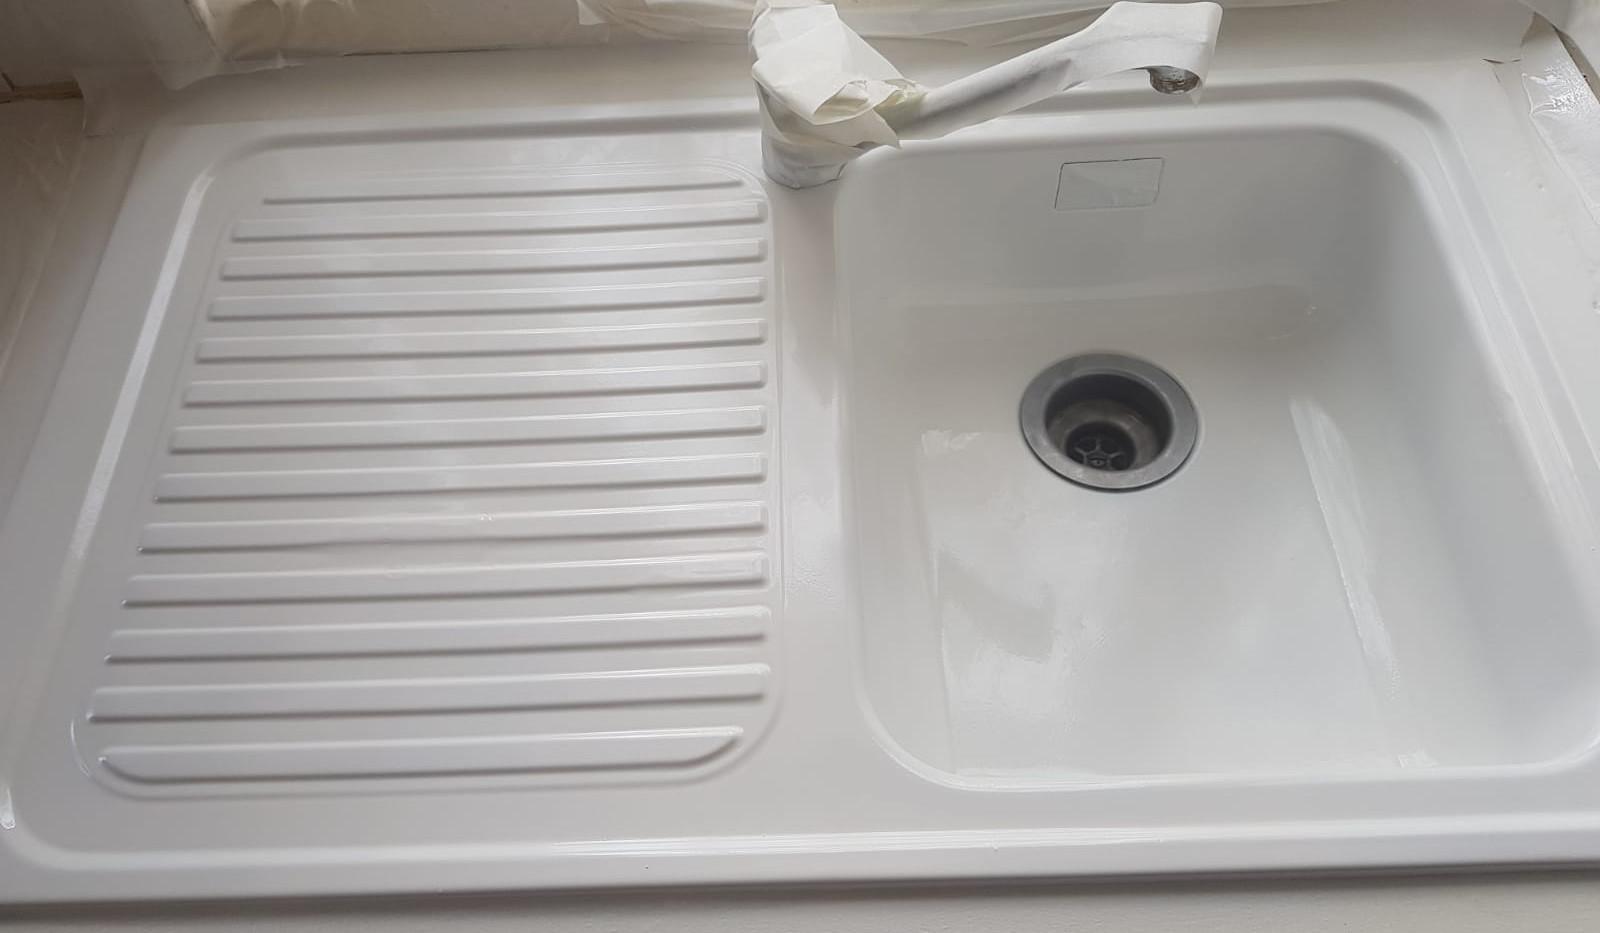 sink clean.jpg